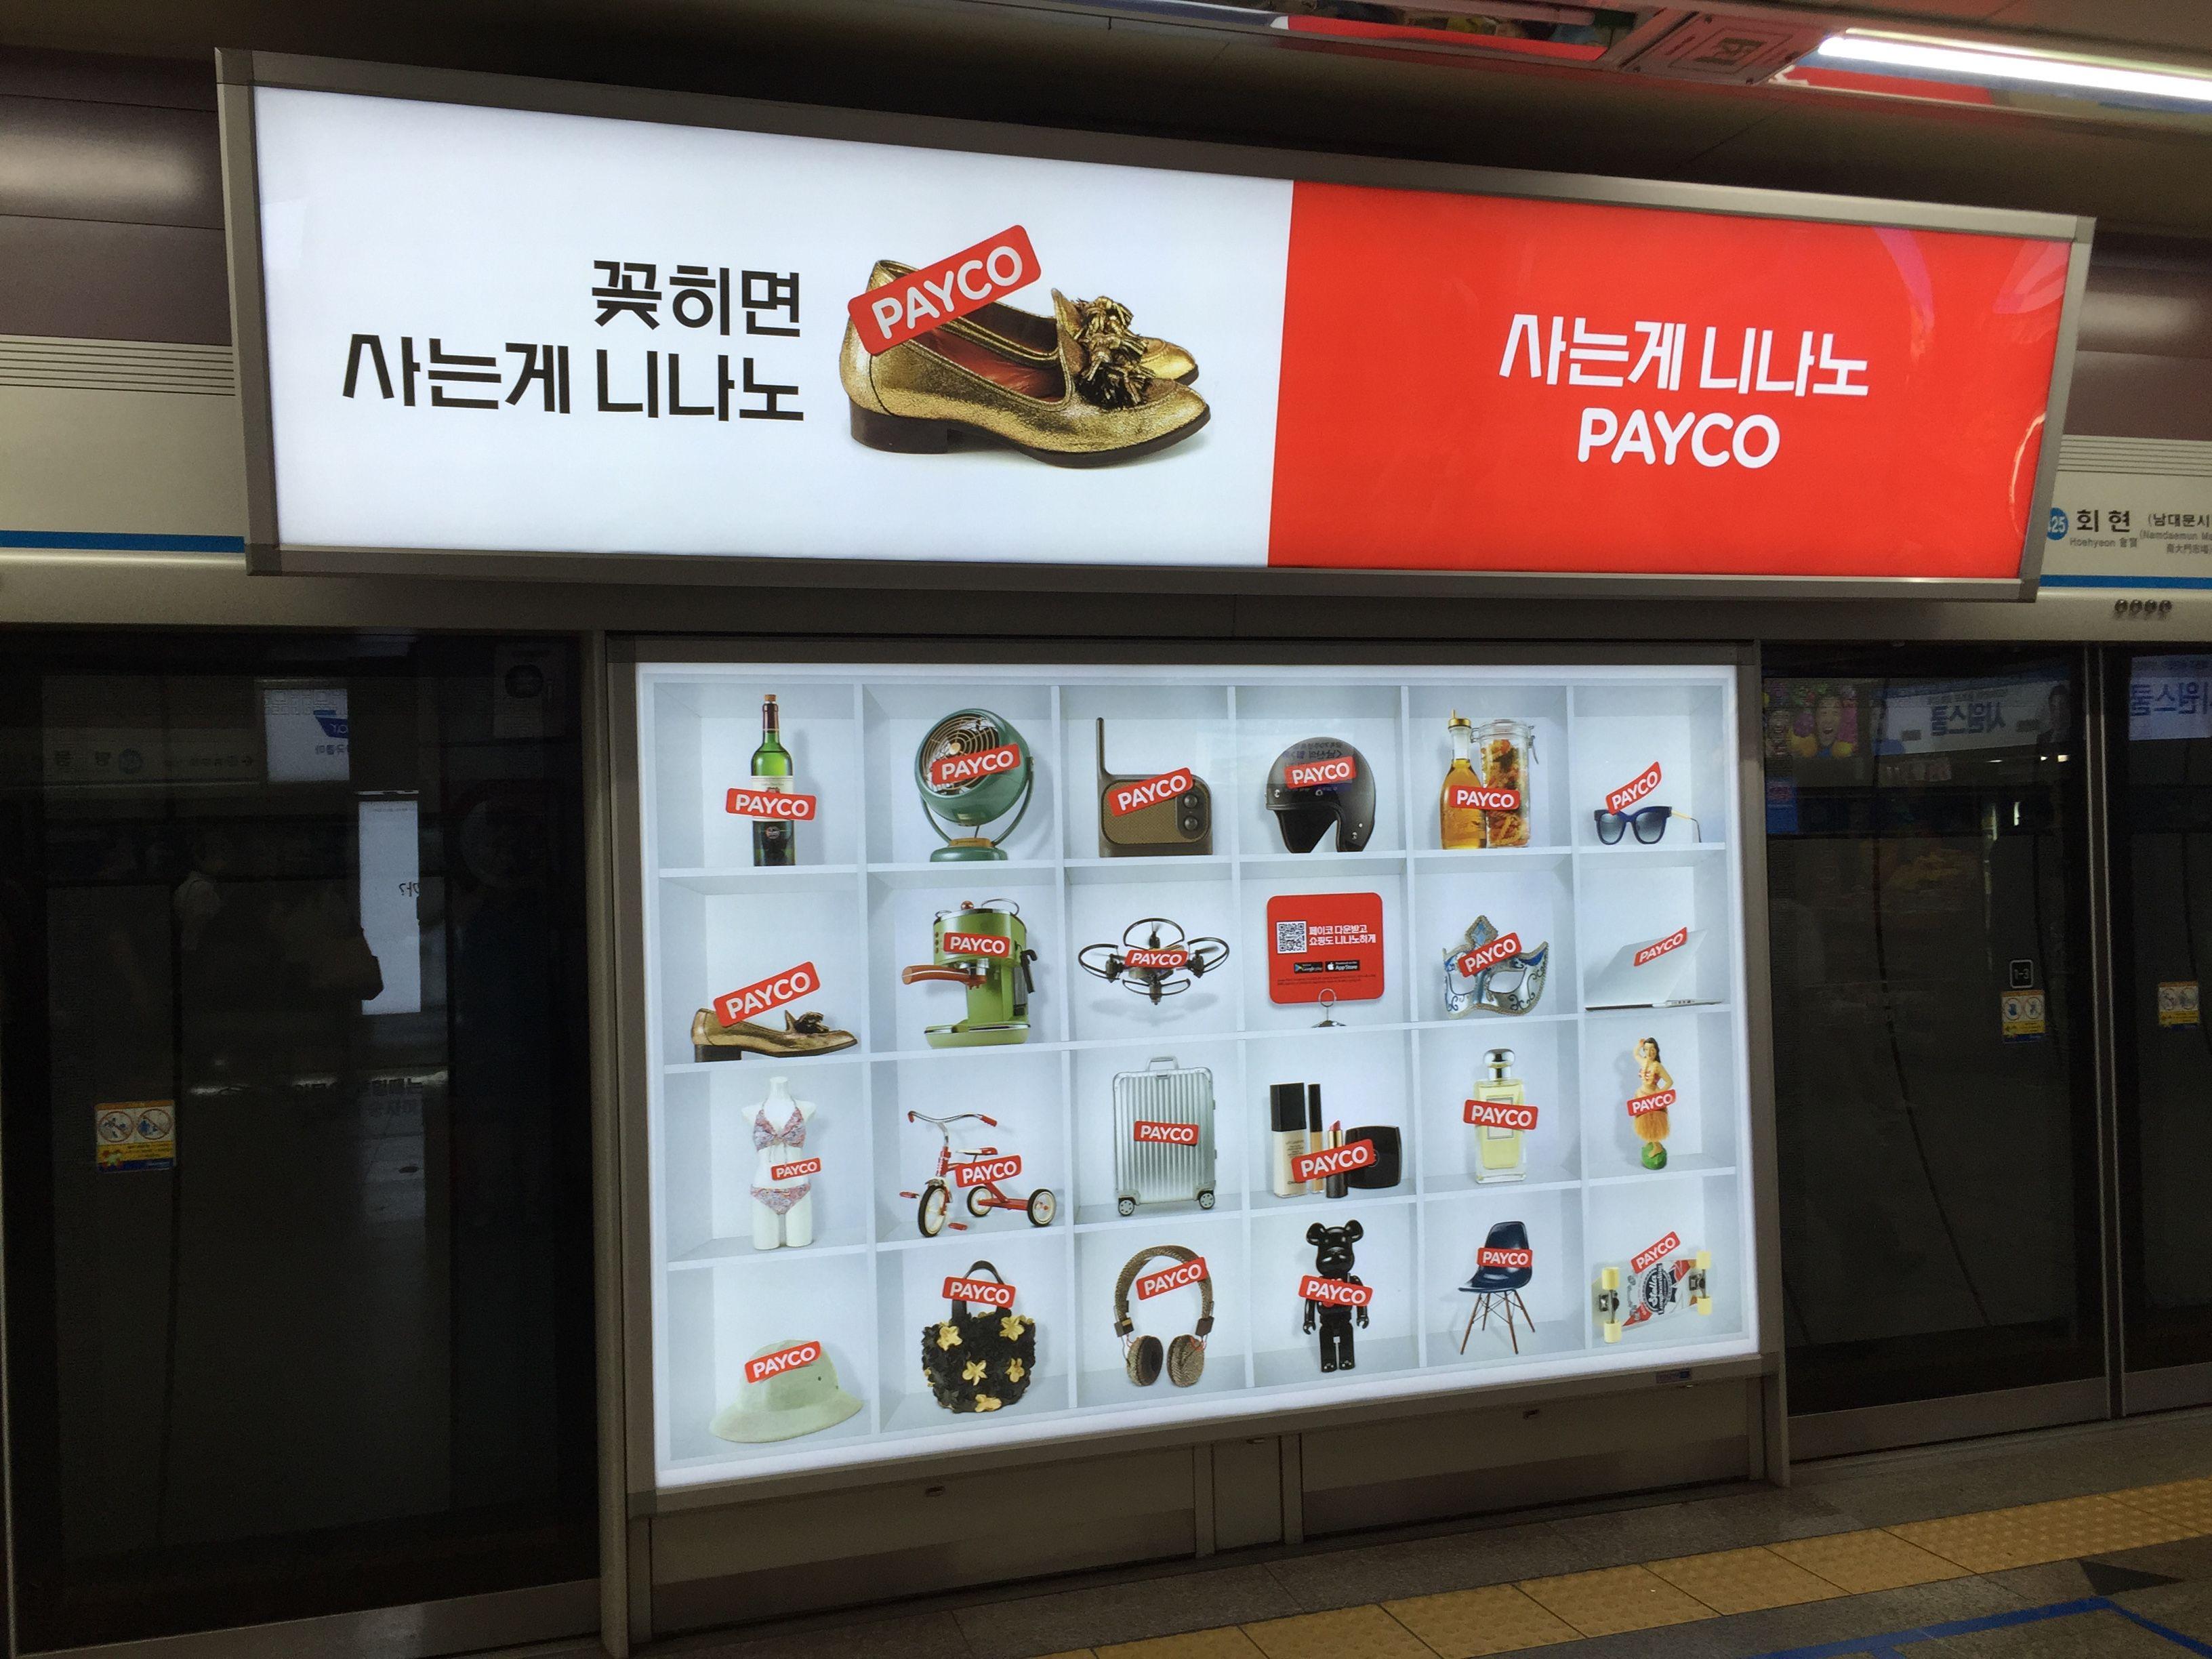 Tip #17: Laat de klant vast wennen hoe het schap eruit ziet met jouw product #ZuidKorea #Marketing